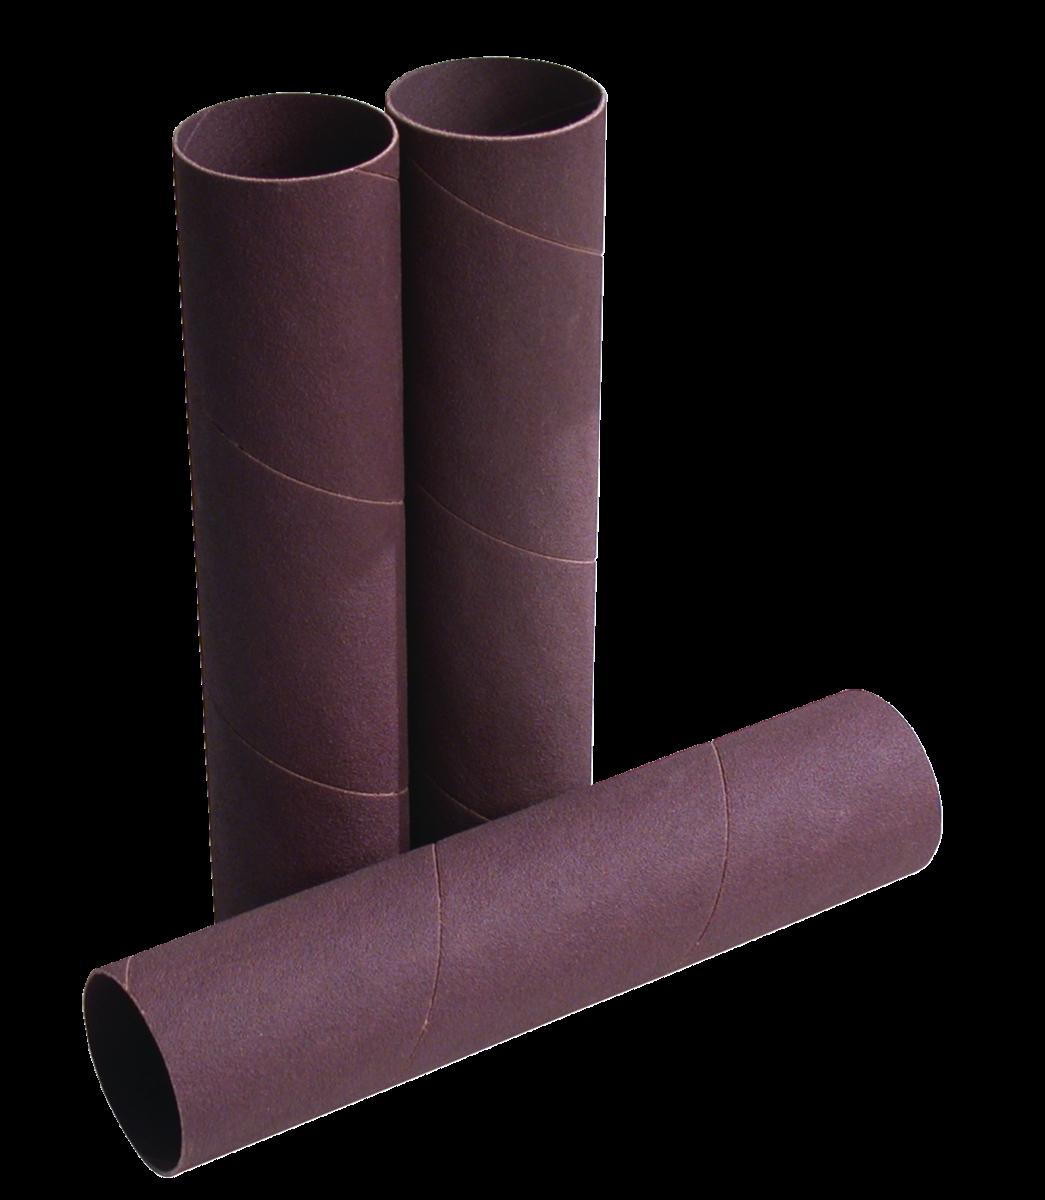 """1/2""""x6"""" 100 Grit Sanding Sleeves, 4 Pack"""